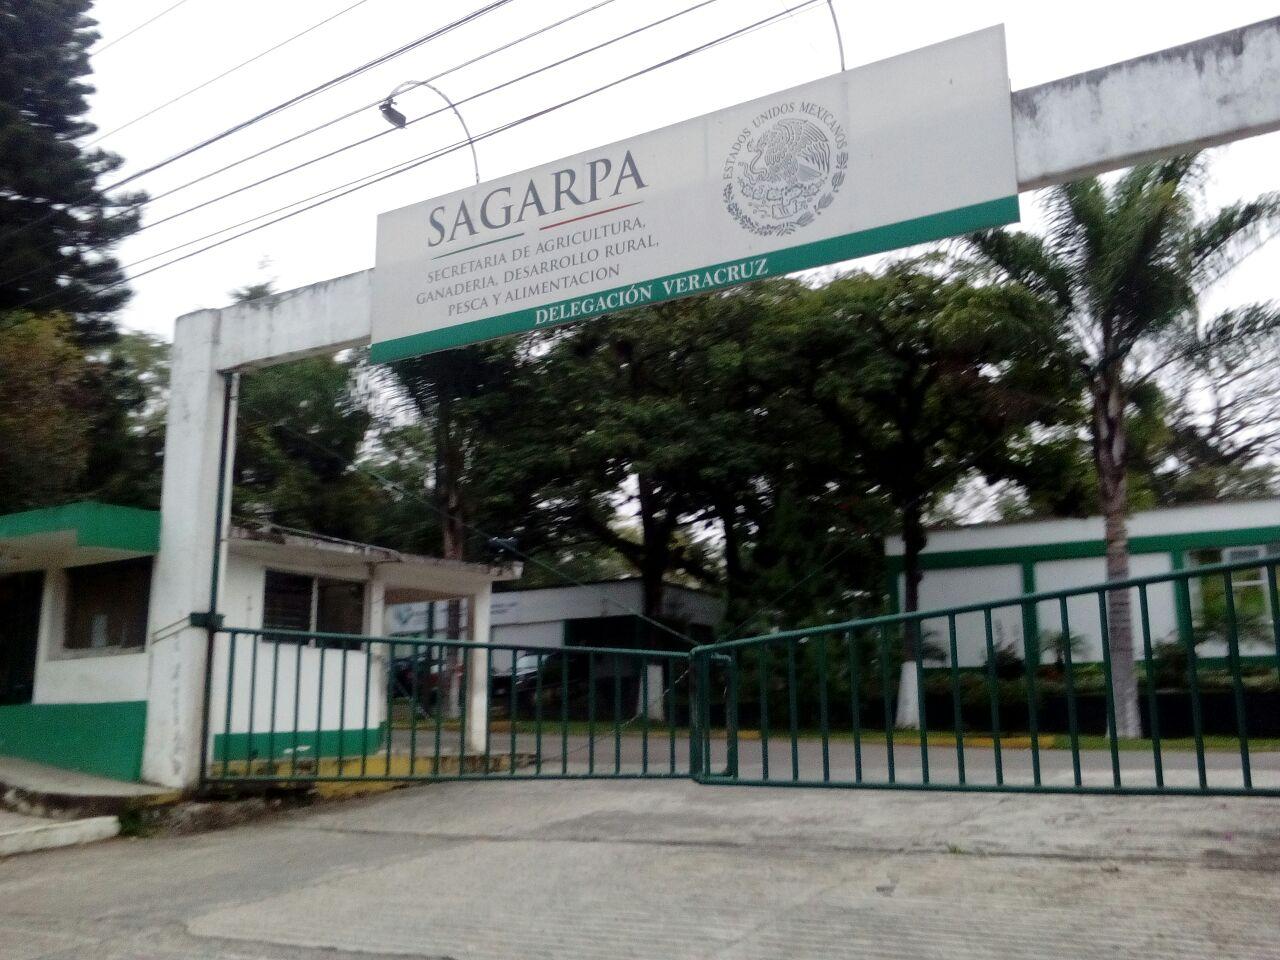 Organizaciones campesinas exigen seguimiento a denuncias contra exfuncionarios de Sagarpa